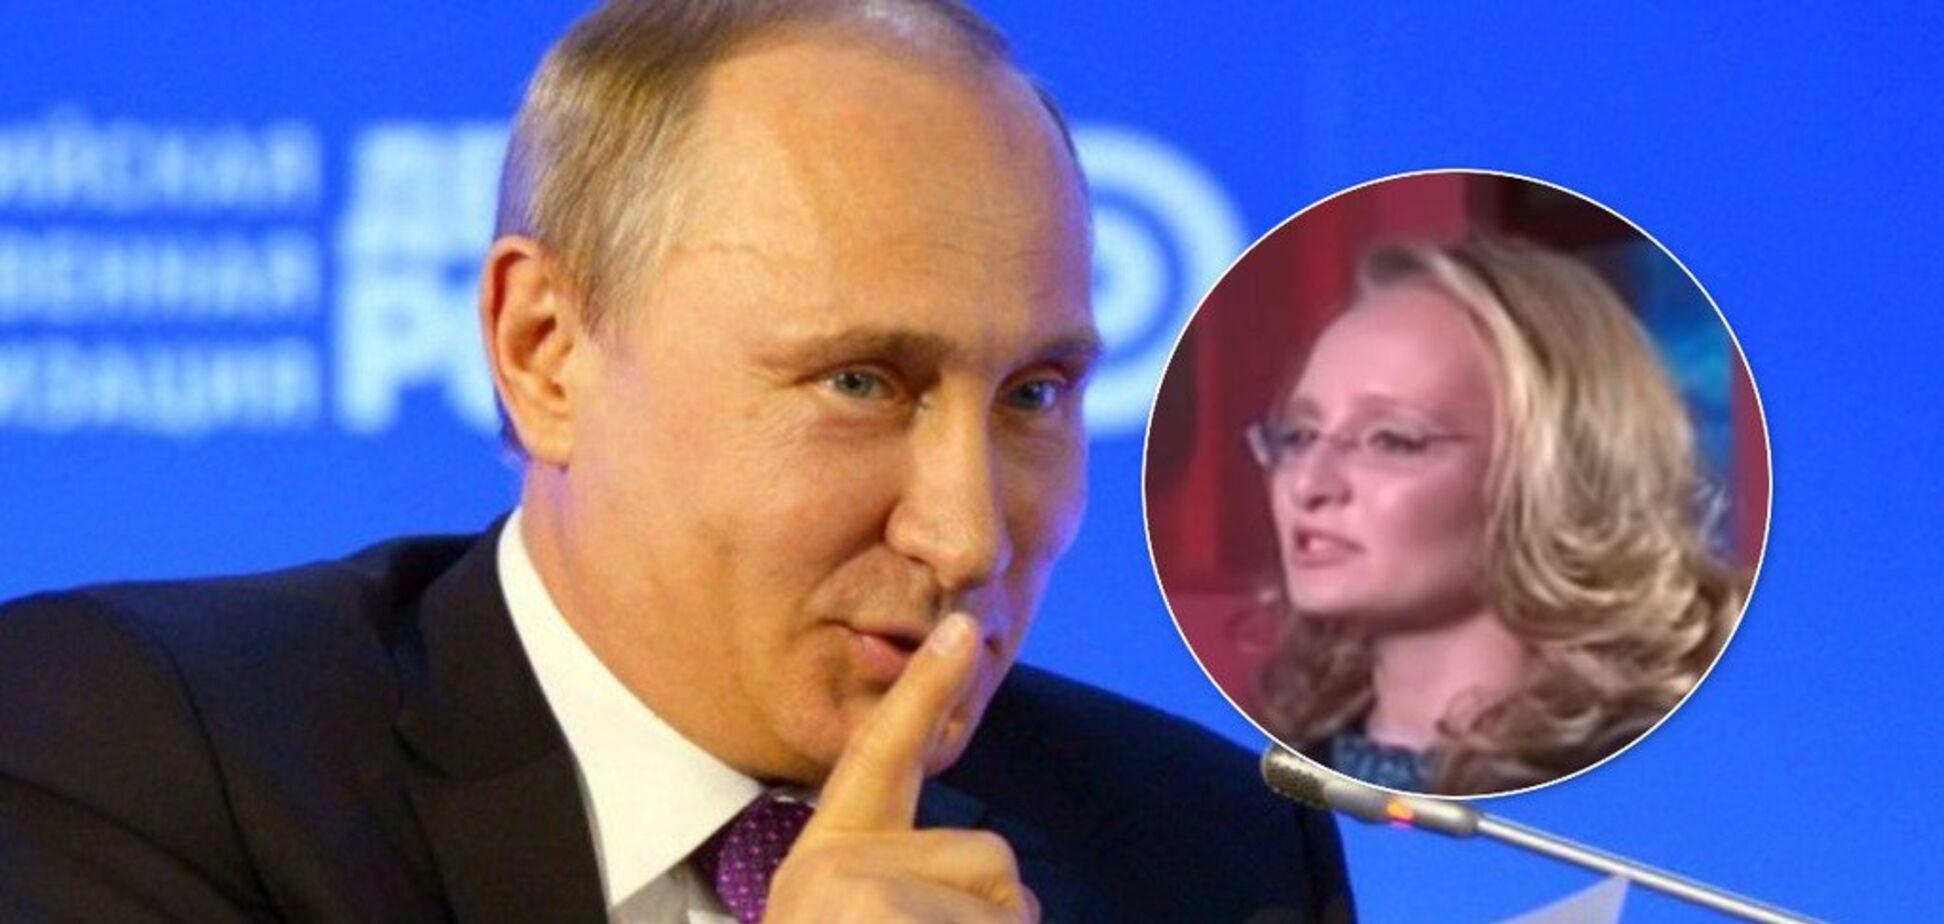 Дисертація та 110 млрд рублів: спливли нові дані про 'заховану' доньку Путіна